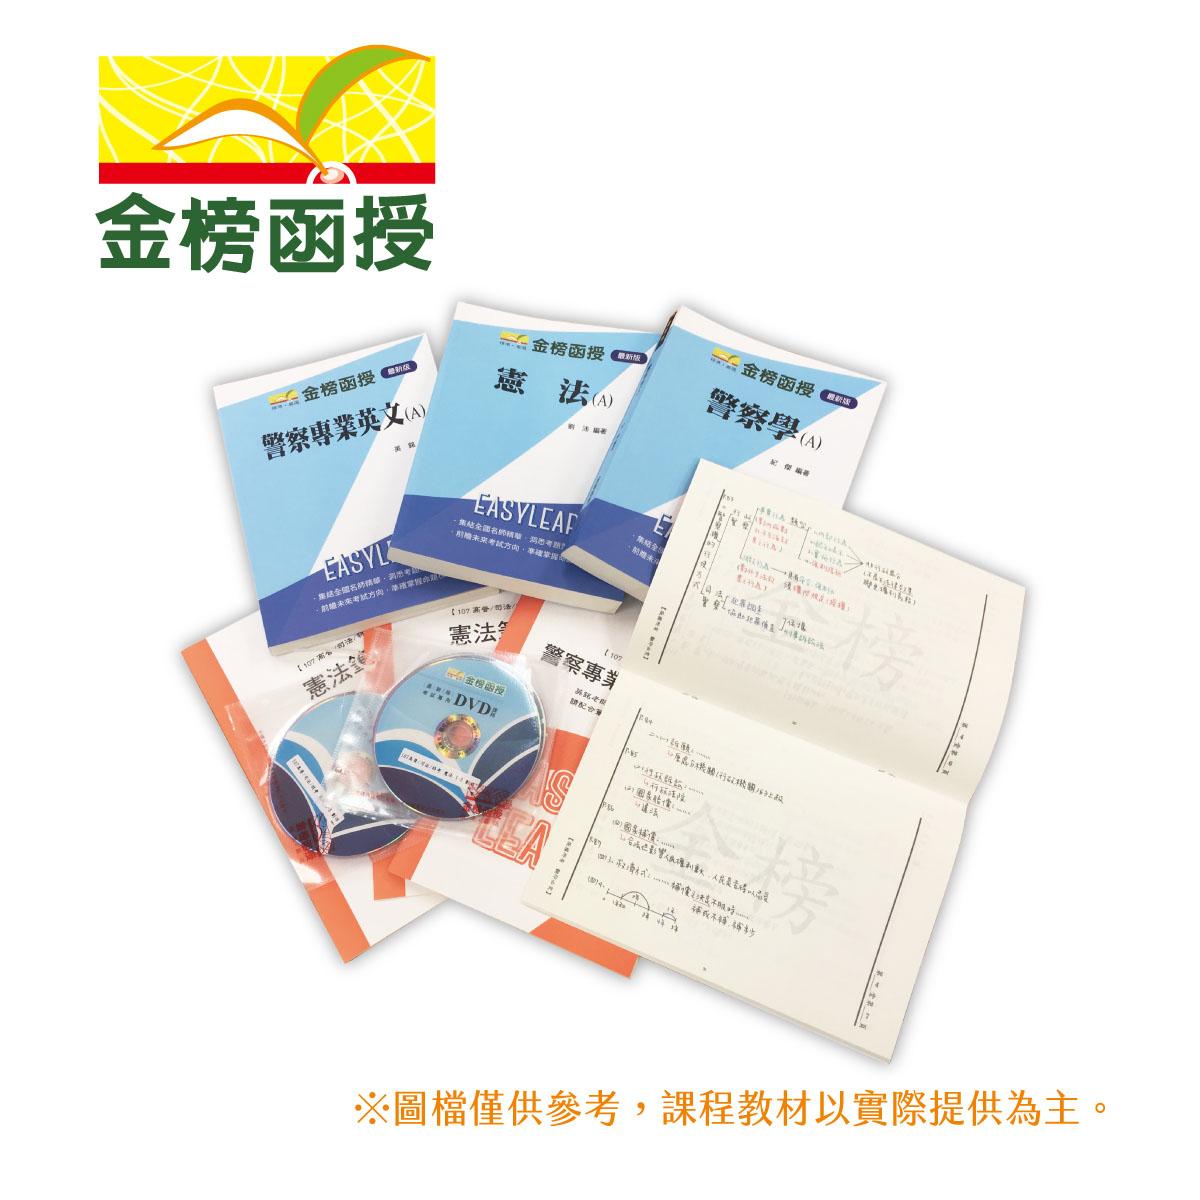 107金榜函授/移民署特考/四等/全套/移民行政/云端/专业科目